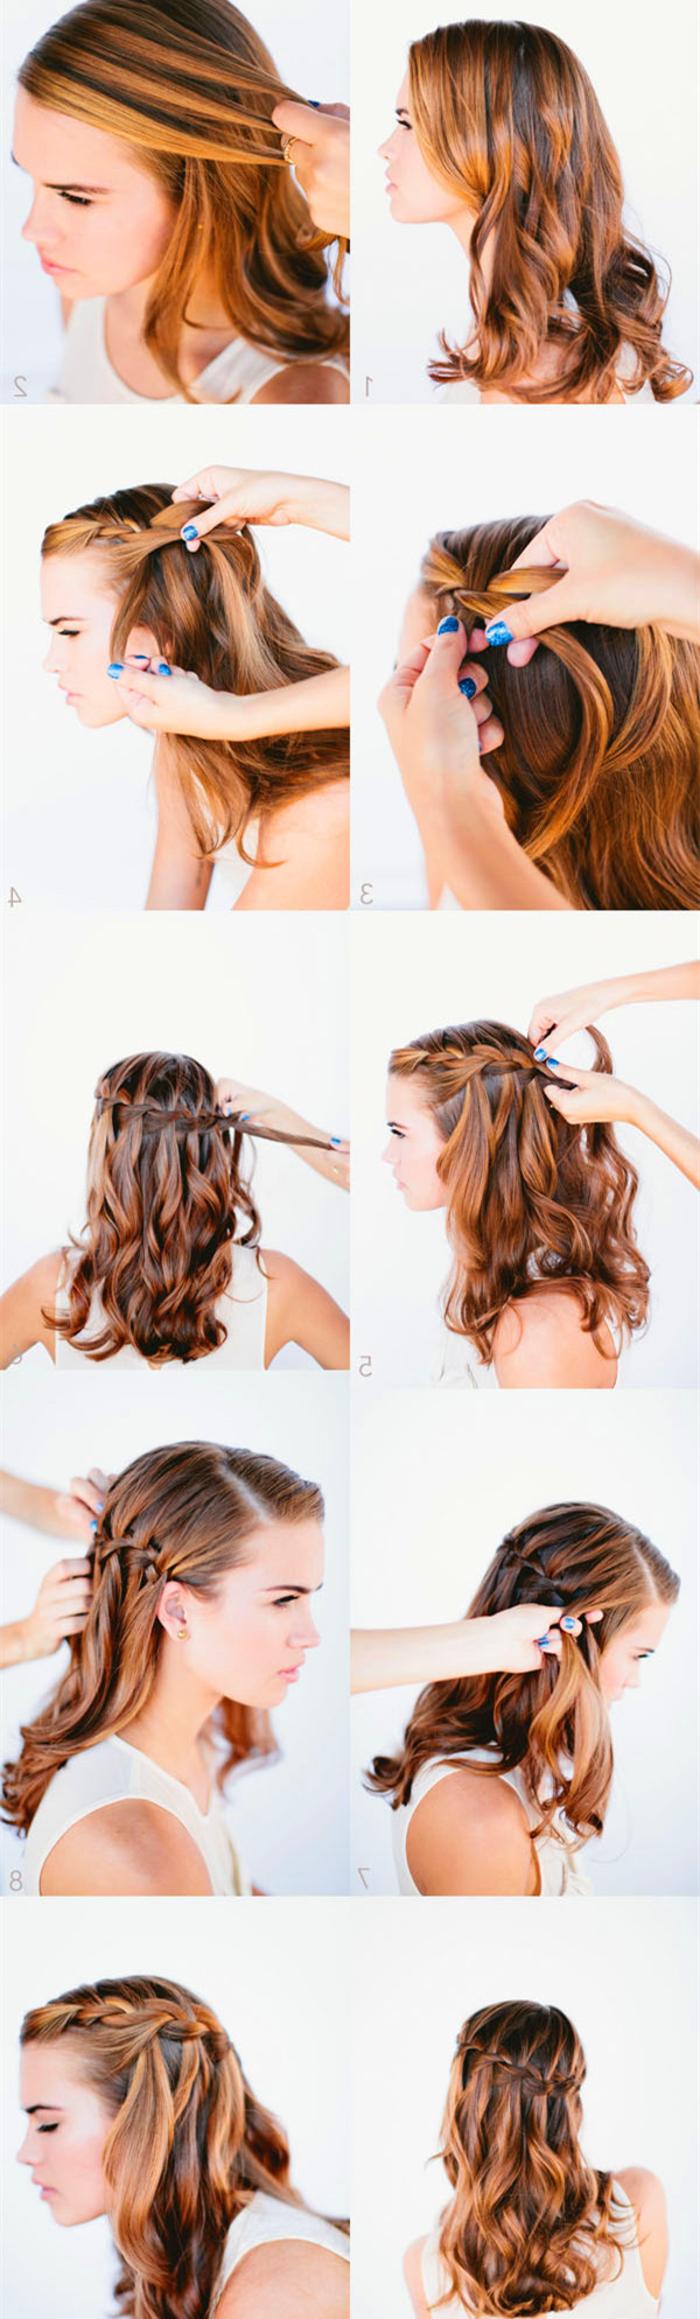 comment se faire une tresse cascade sur cheveux longs ondulés, tuto coiffure tresse réalisé en peu de temps